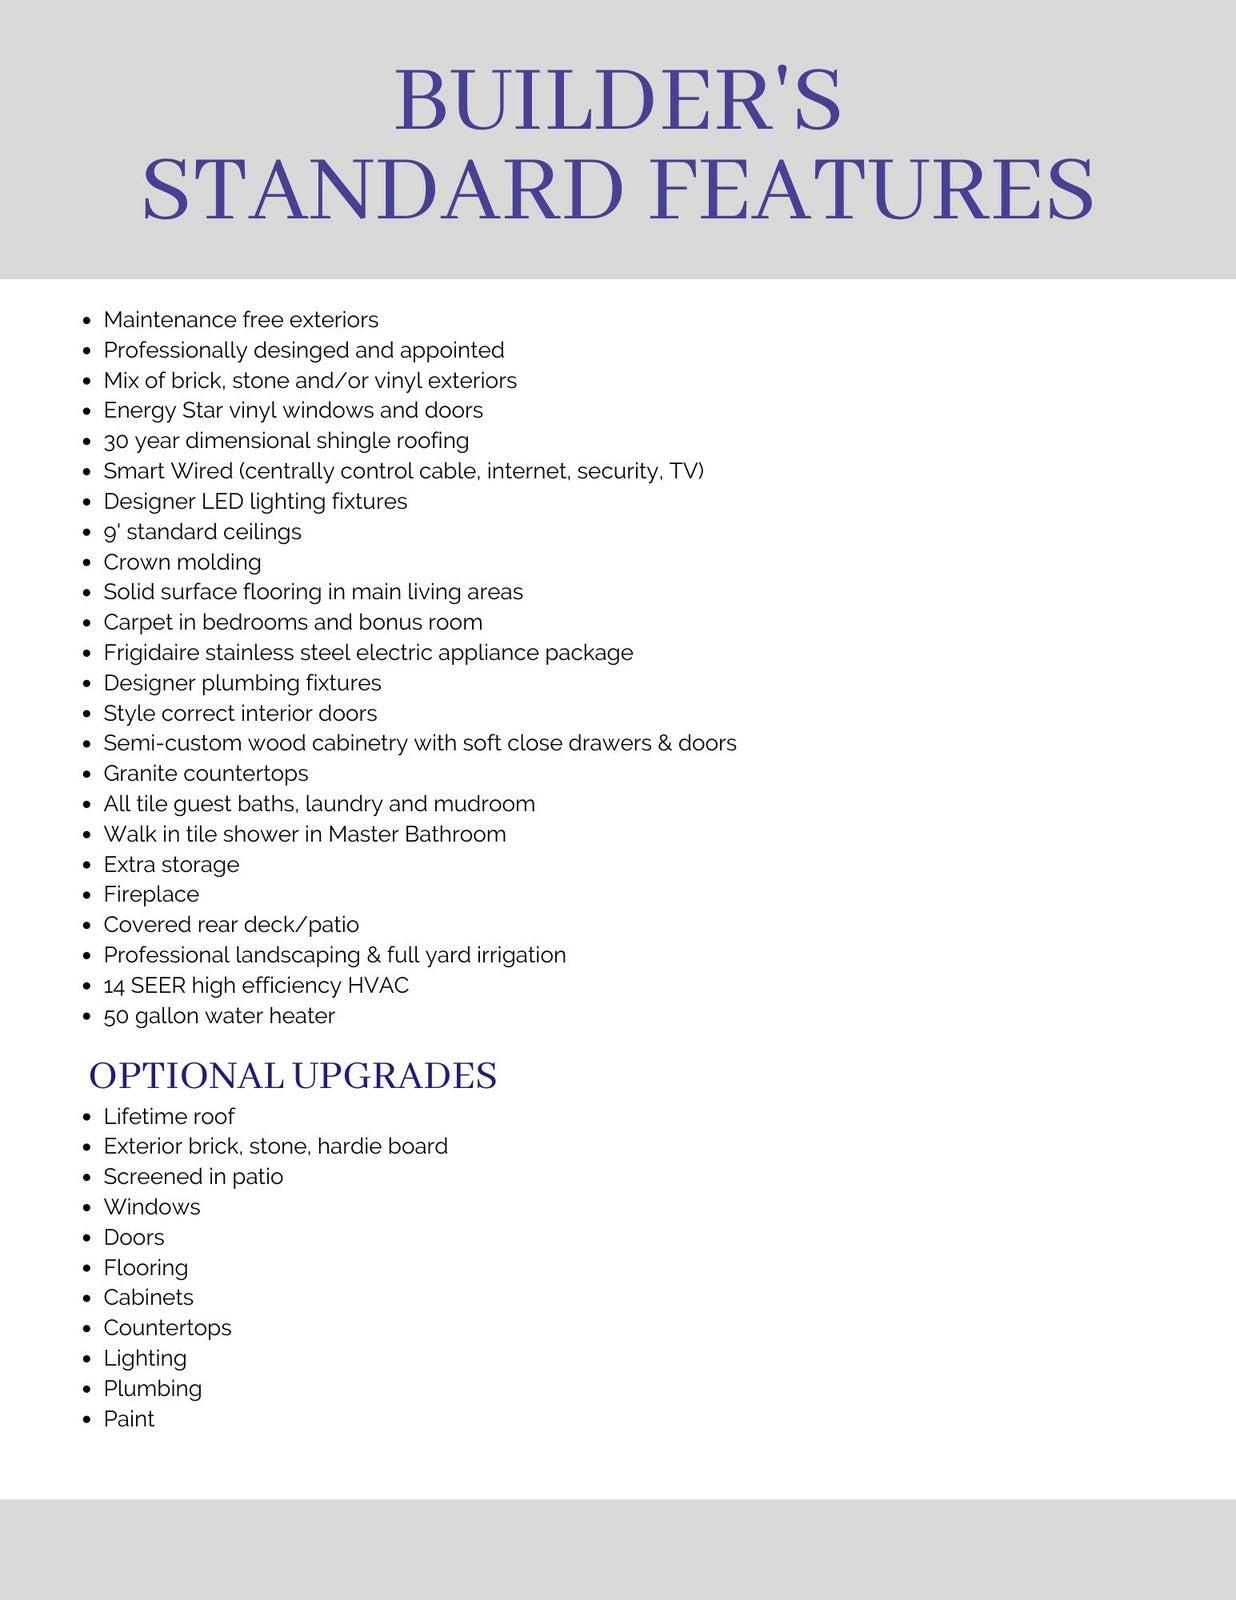 Builder's Standard Features (1)